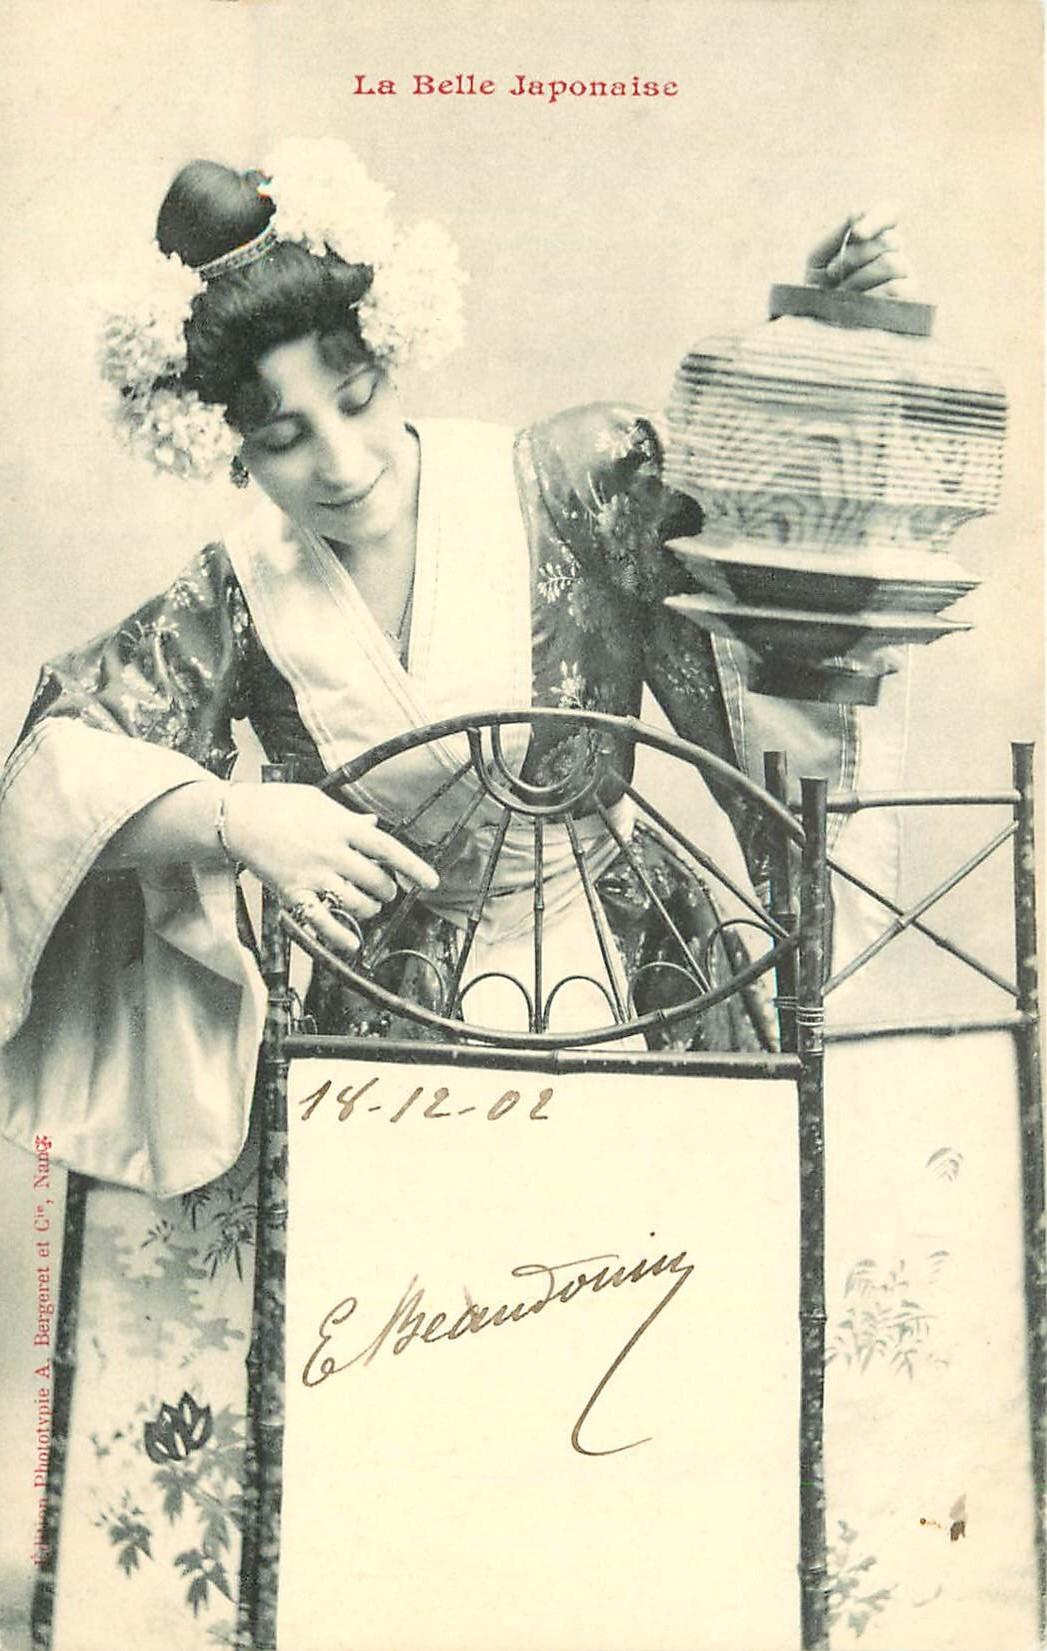 illustrateur BERGERET. La Belle Japonaise 1902